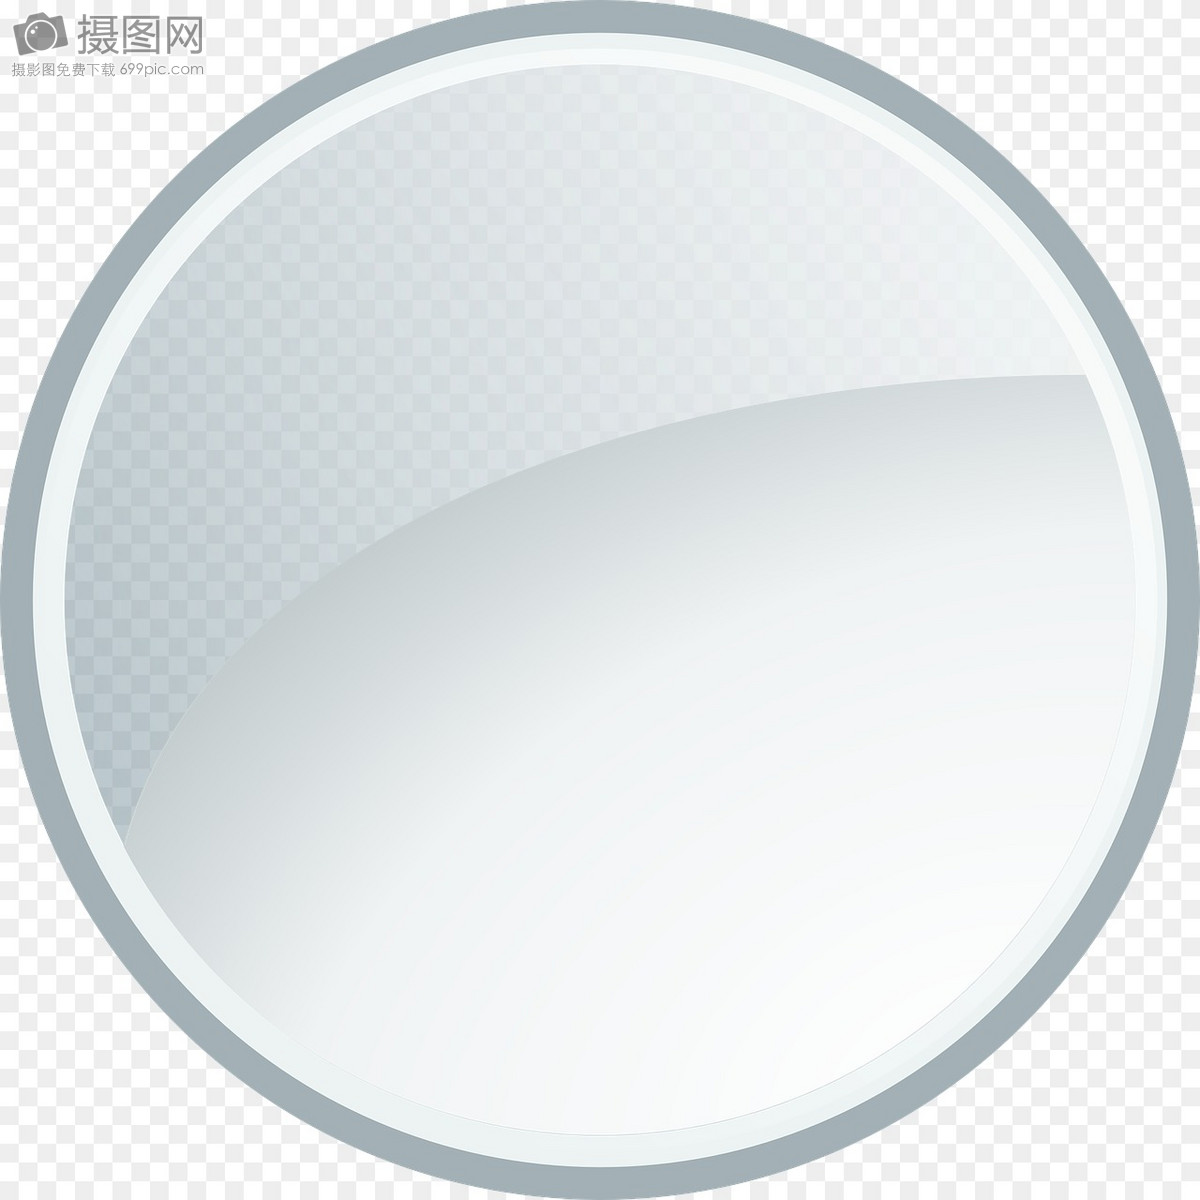 圆形玻璃图片